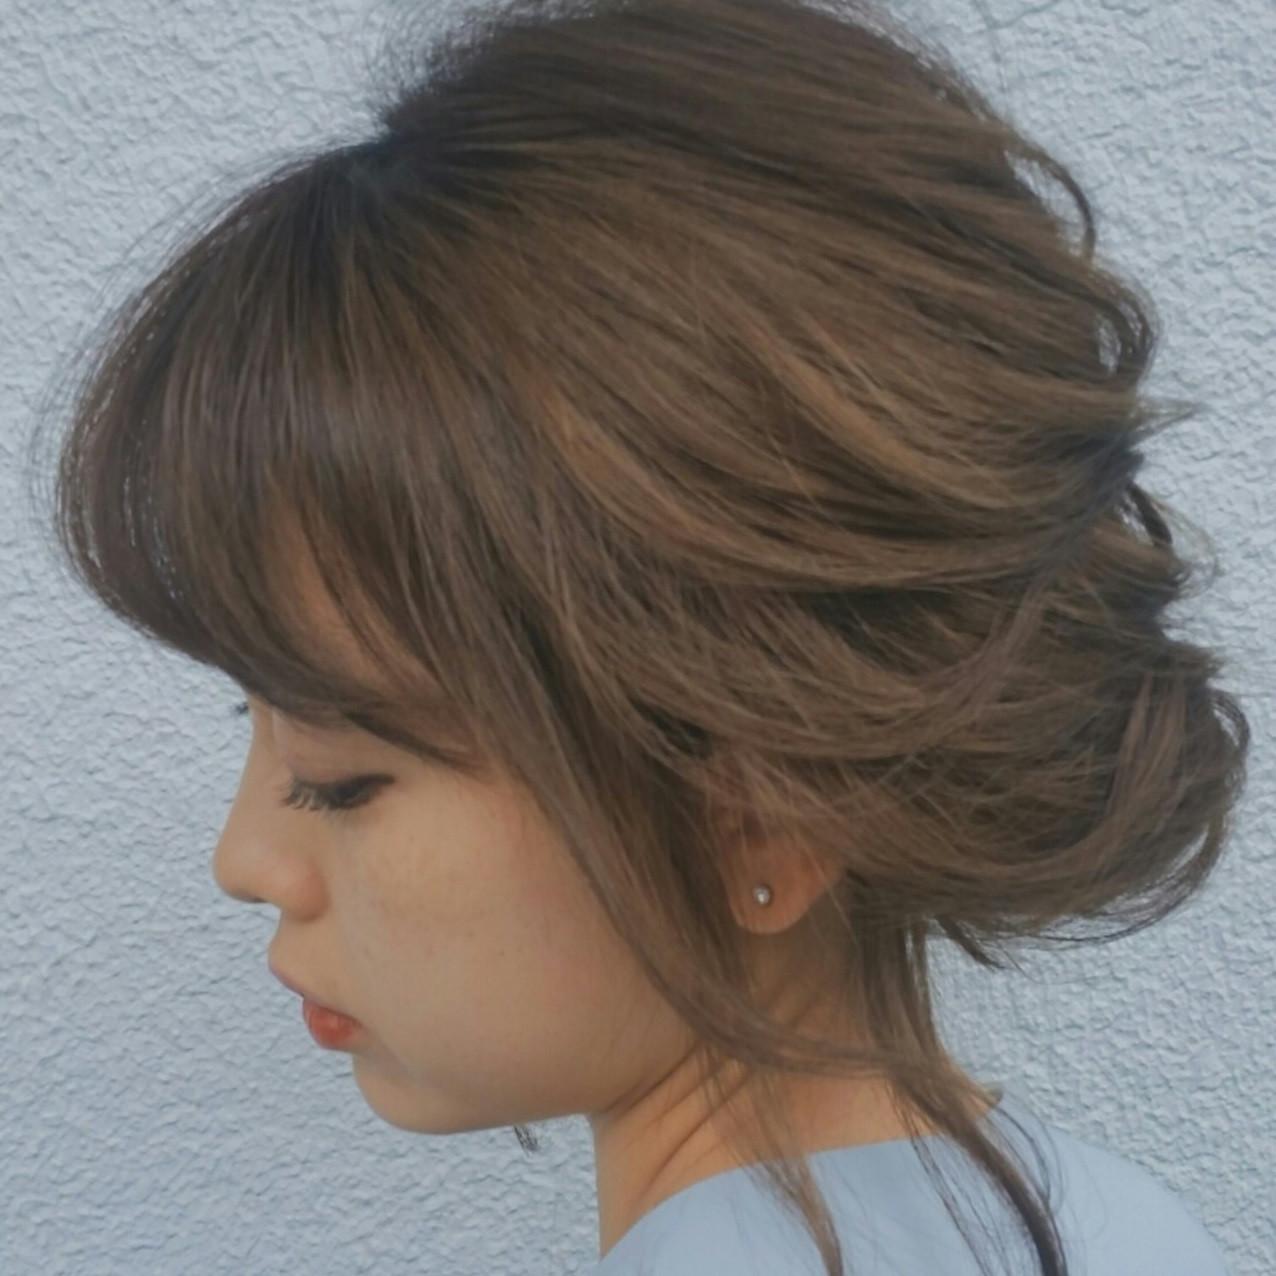 髪型別アップヘア☆グッと華やかになれるアイデア集